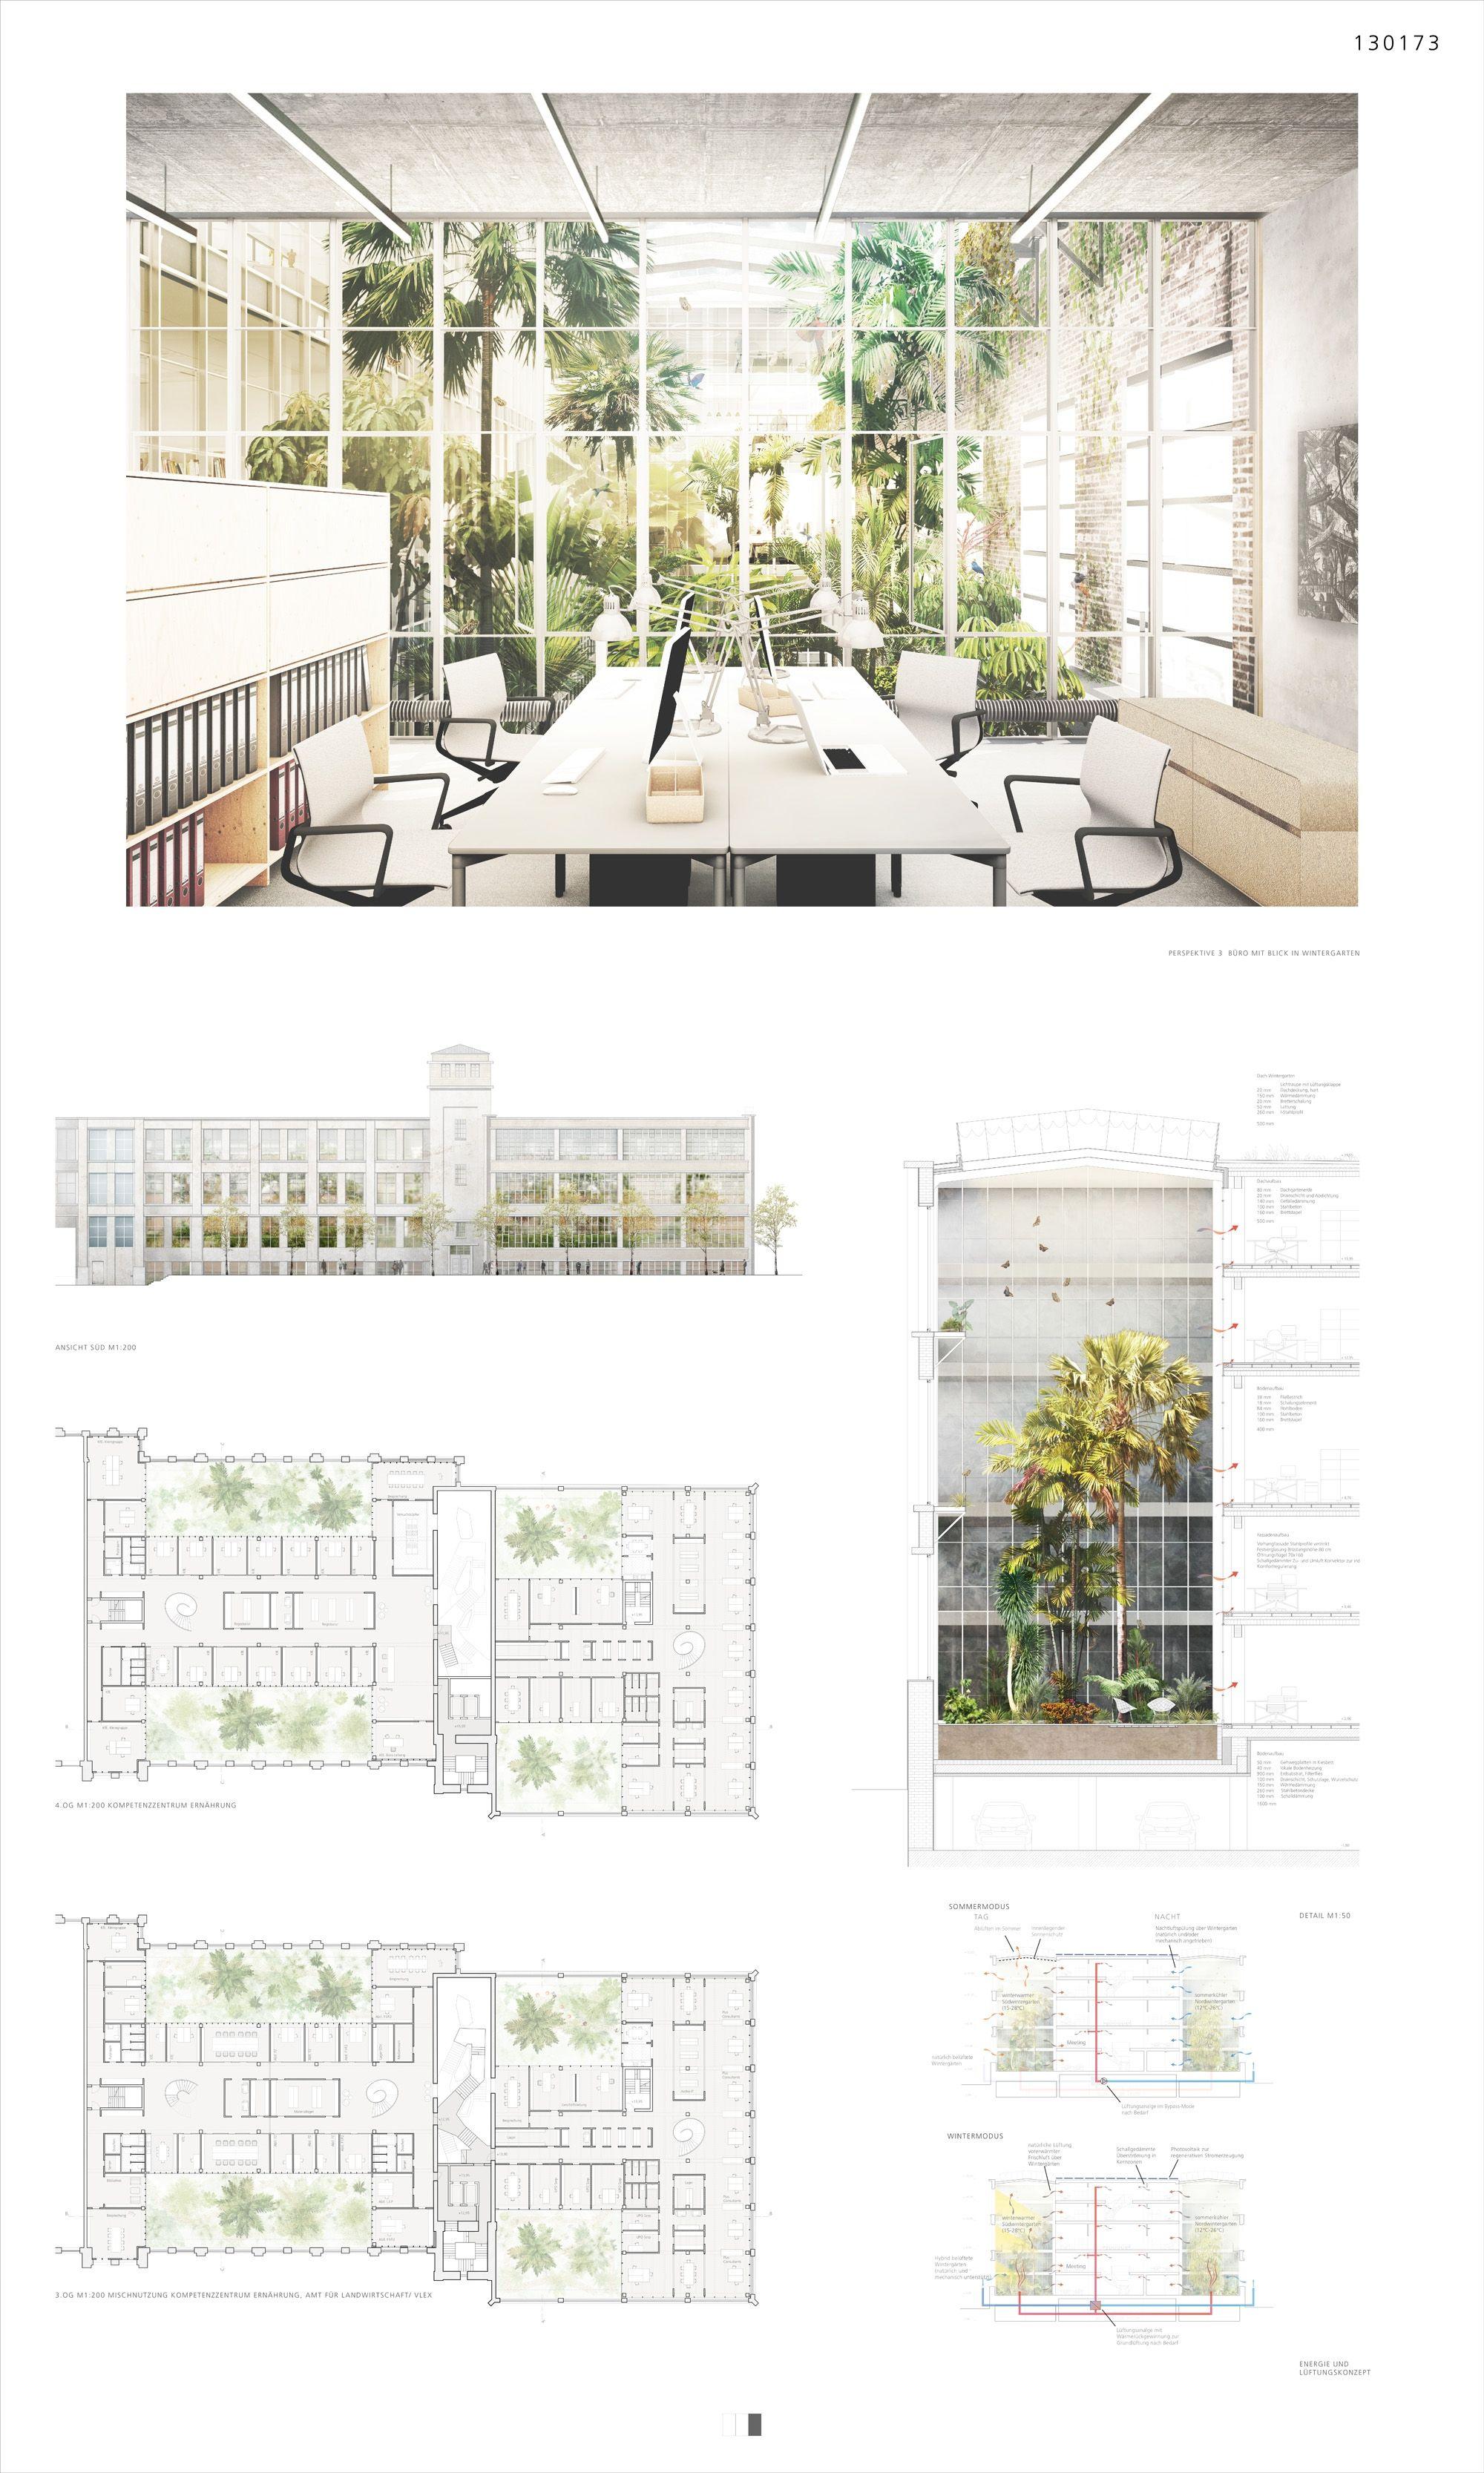 anerkennung springer architekten gmbh drawing diagram